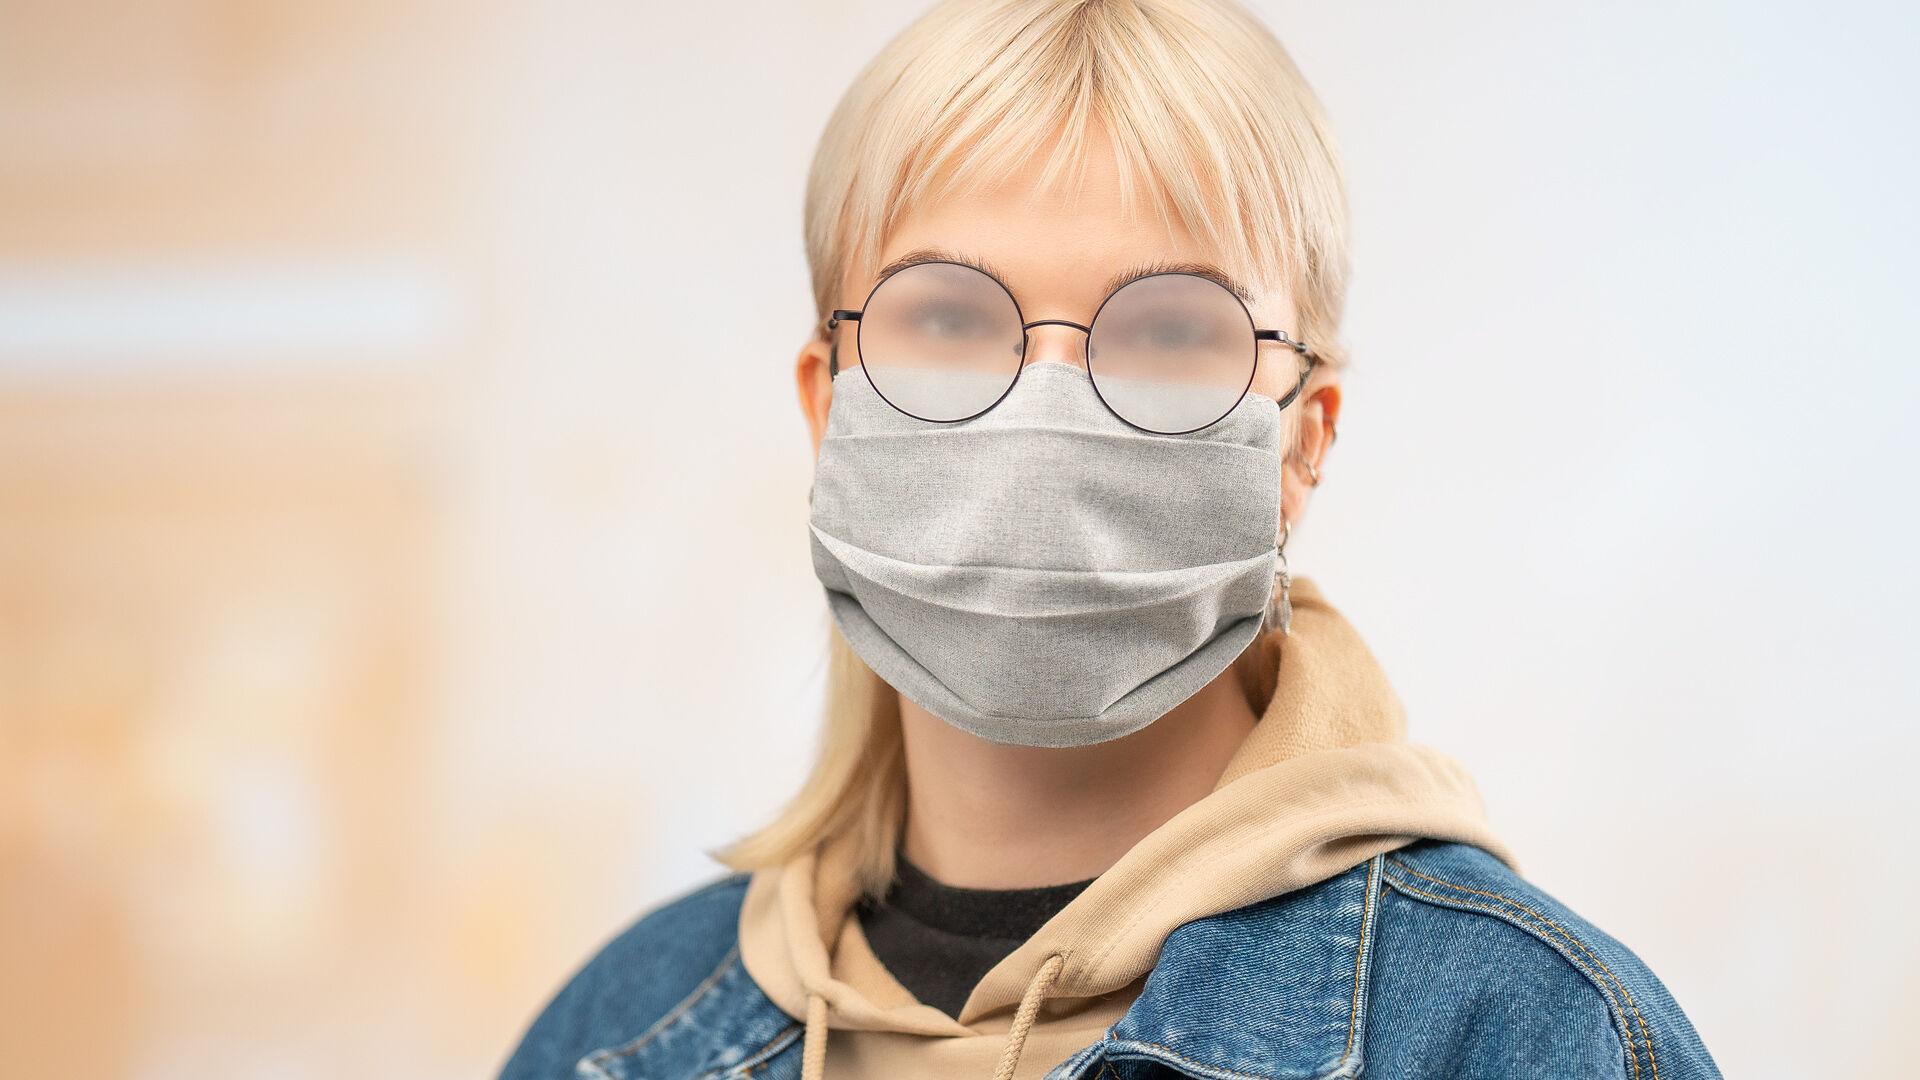 Kasvomaski ja silmälasit: miten estää silmälasien huurtuminen maskin kanssa